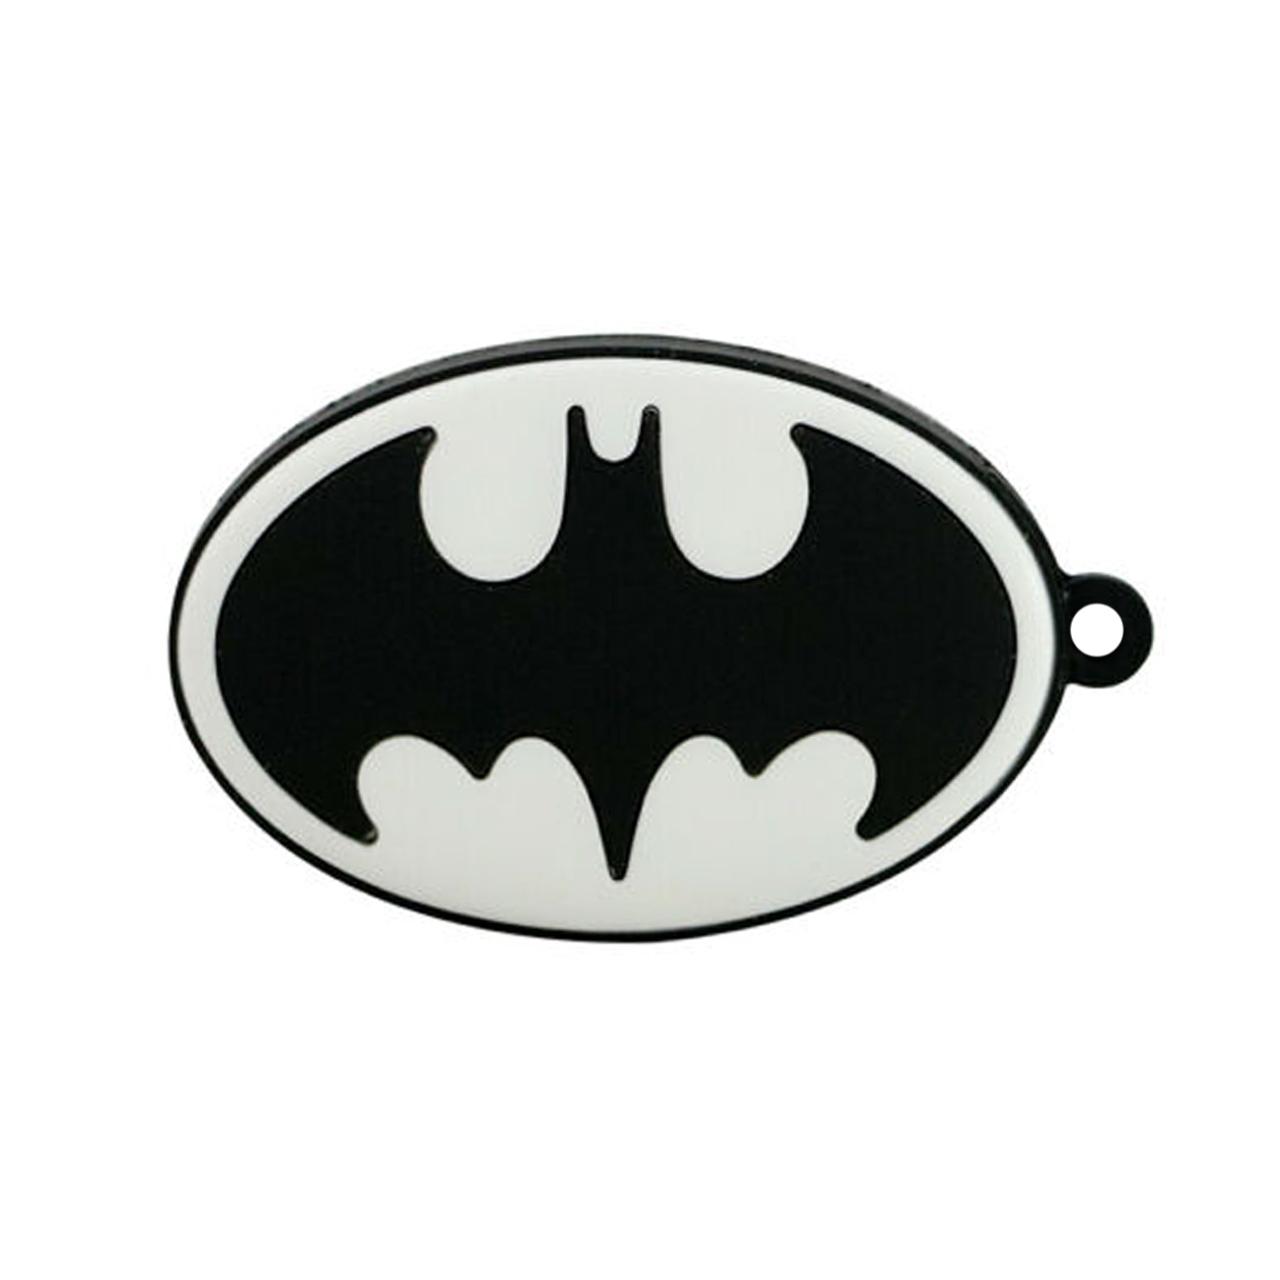 بررسی و {خرید با تخفیف} فلش مموری طرح Batman مدل DPL1203-U3 ظرفیت 128 گیگابایت اصل